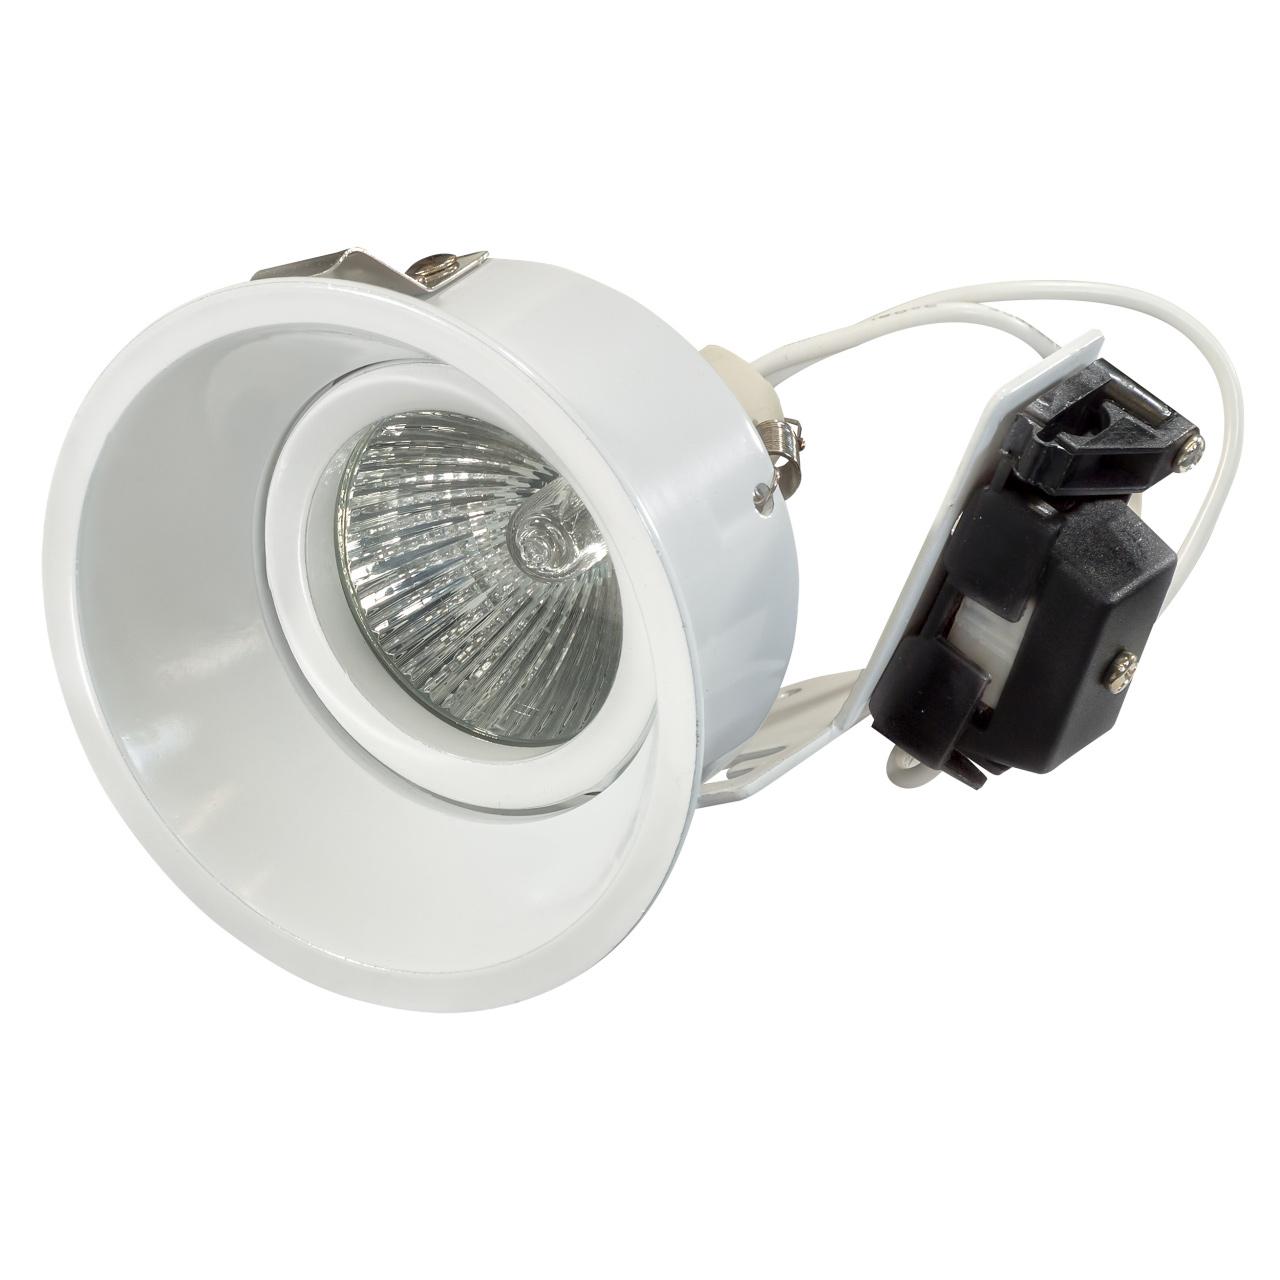 Светильник Domino round МR16 белый Lightstar 214606